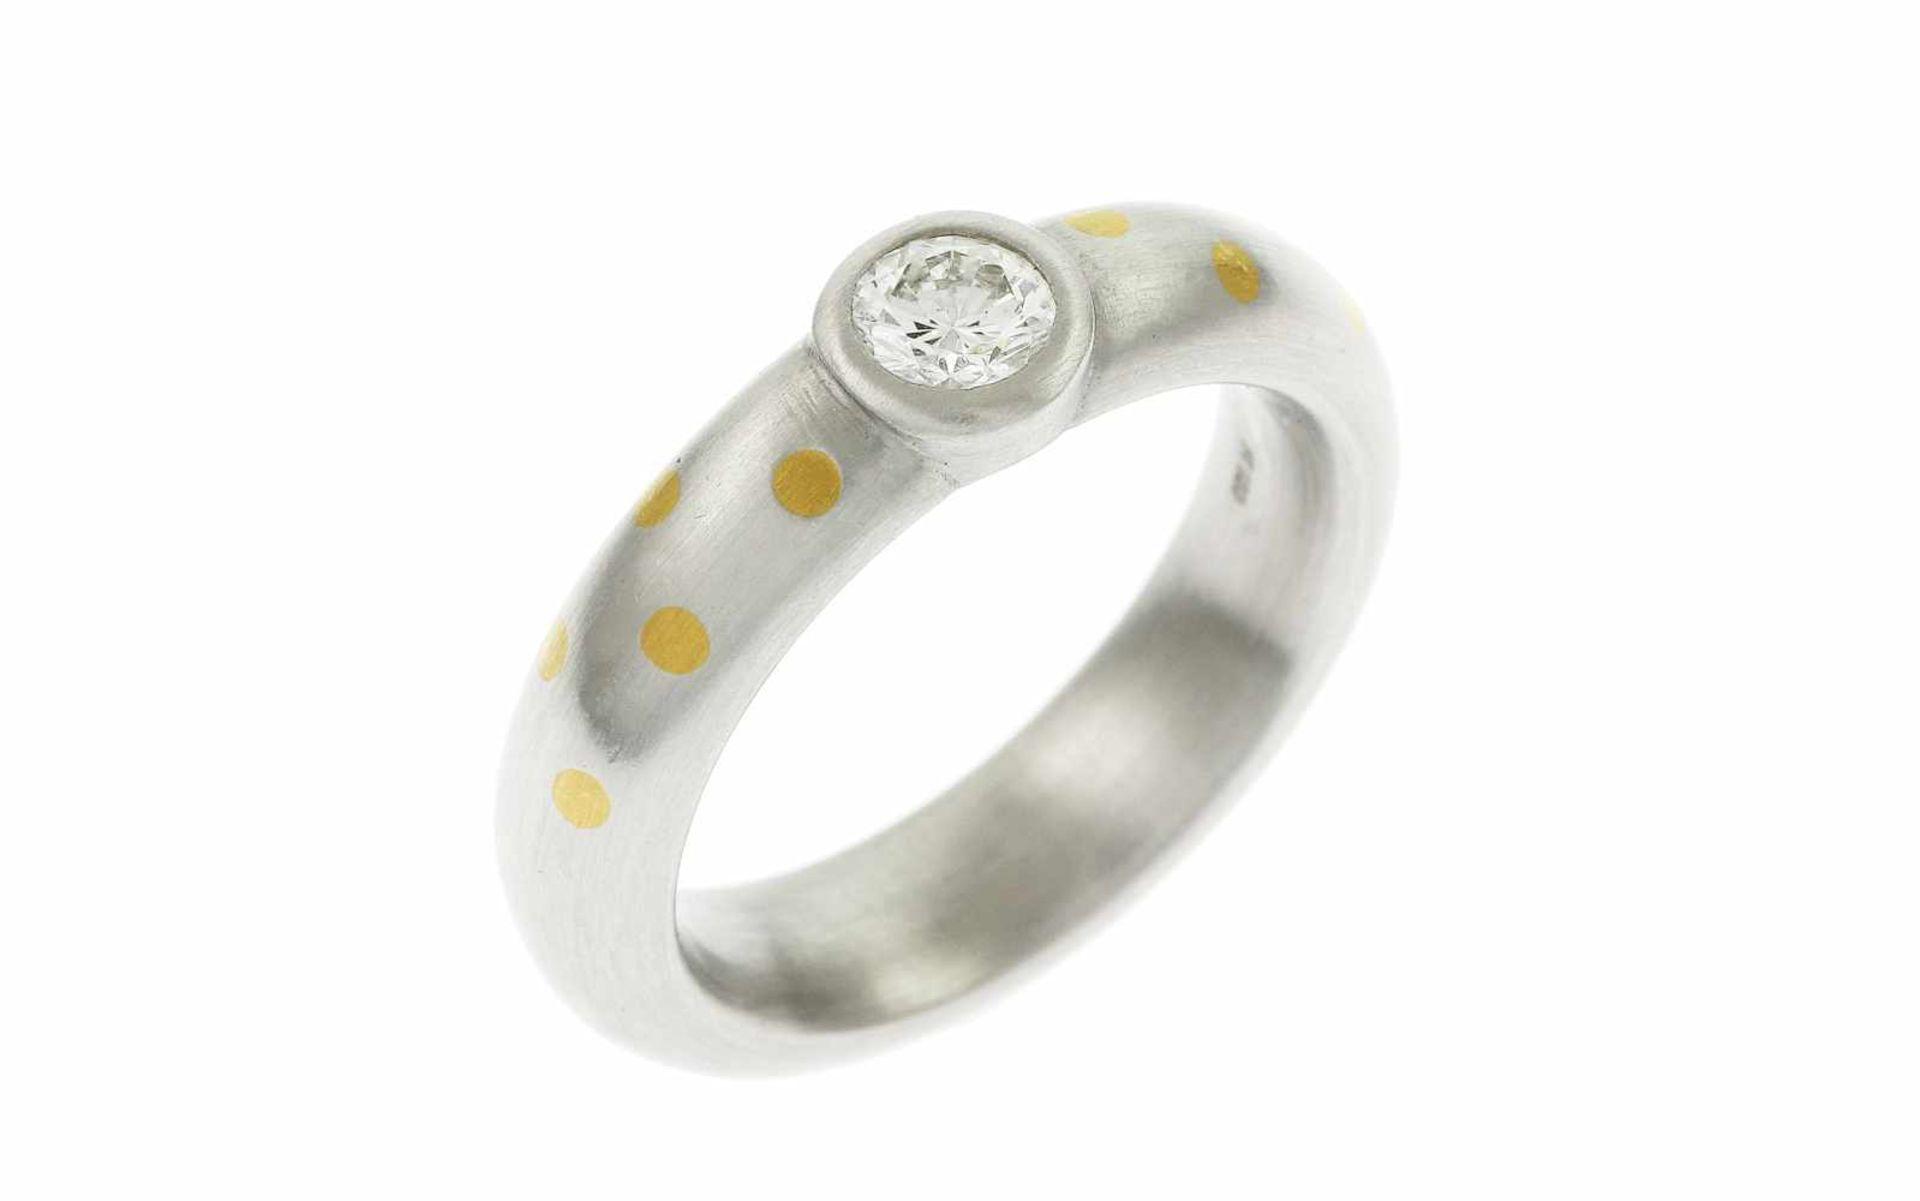 Ring Ring 950/- Platin und 18K GG mit 0,34 ct Diamant Brillantschliff G/vs1, RW: 53, Breite